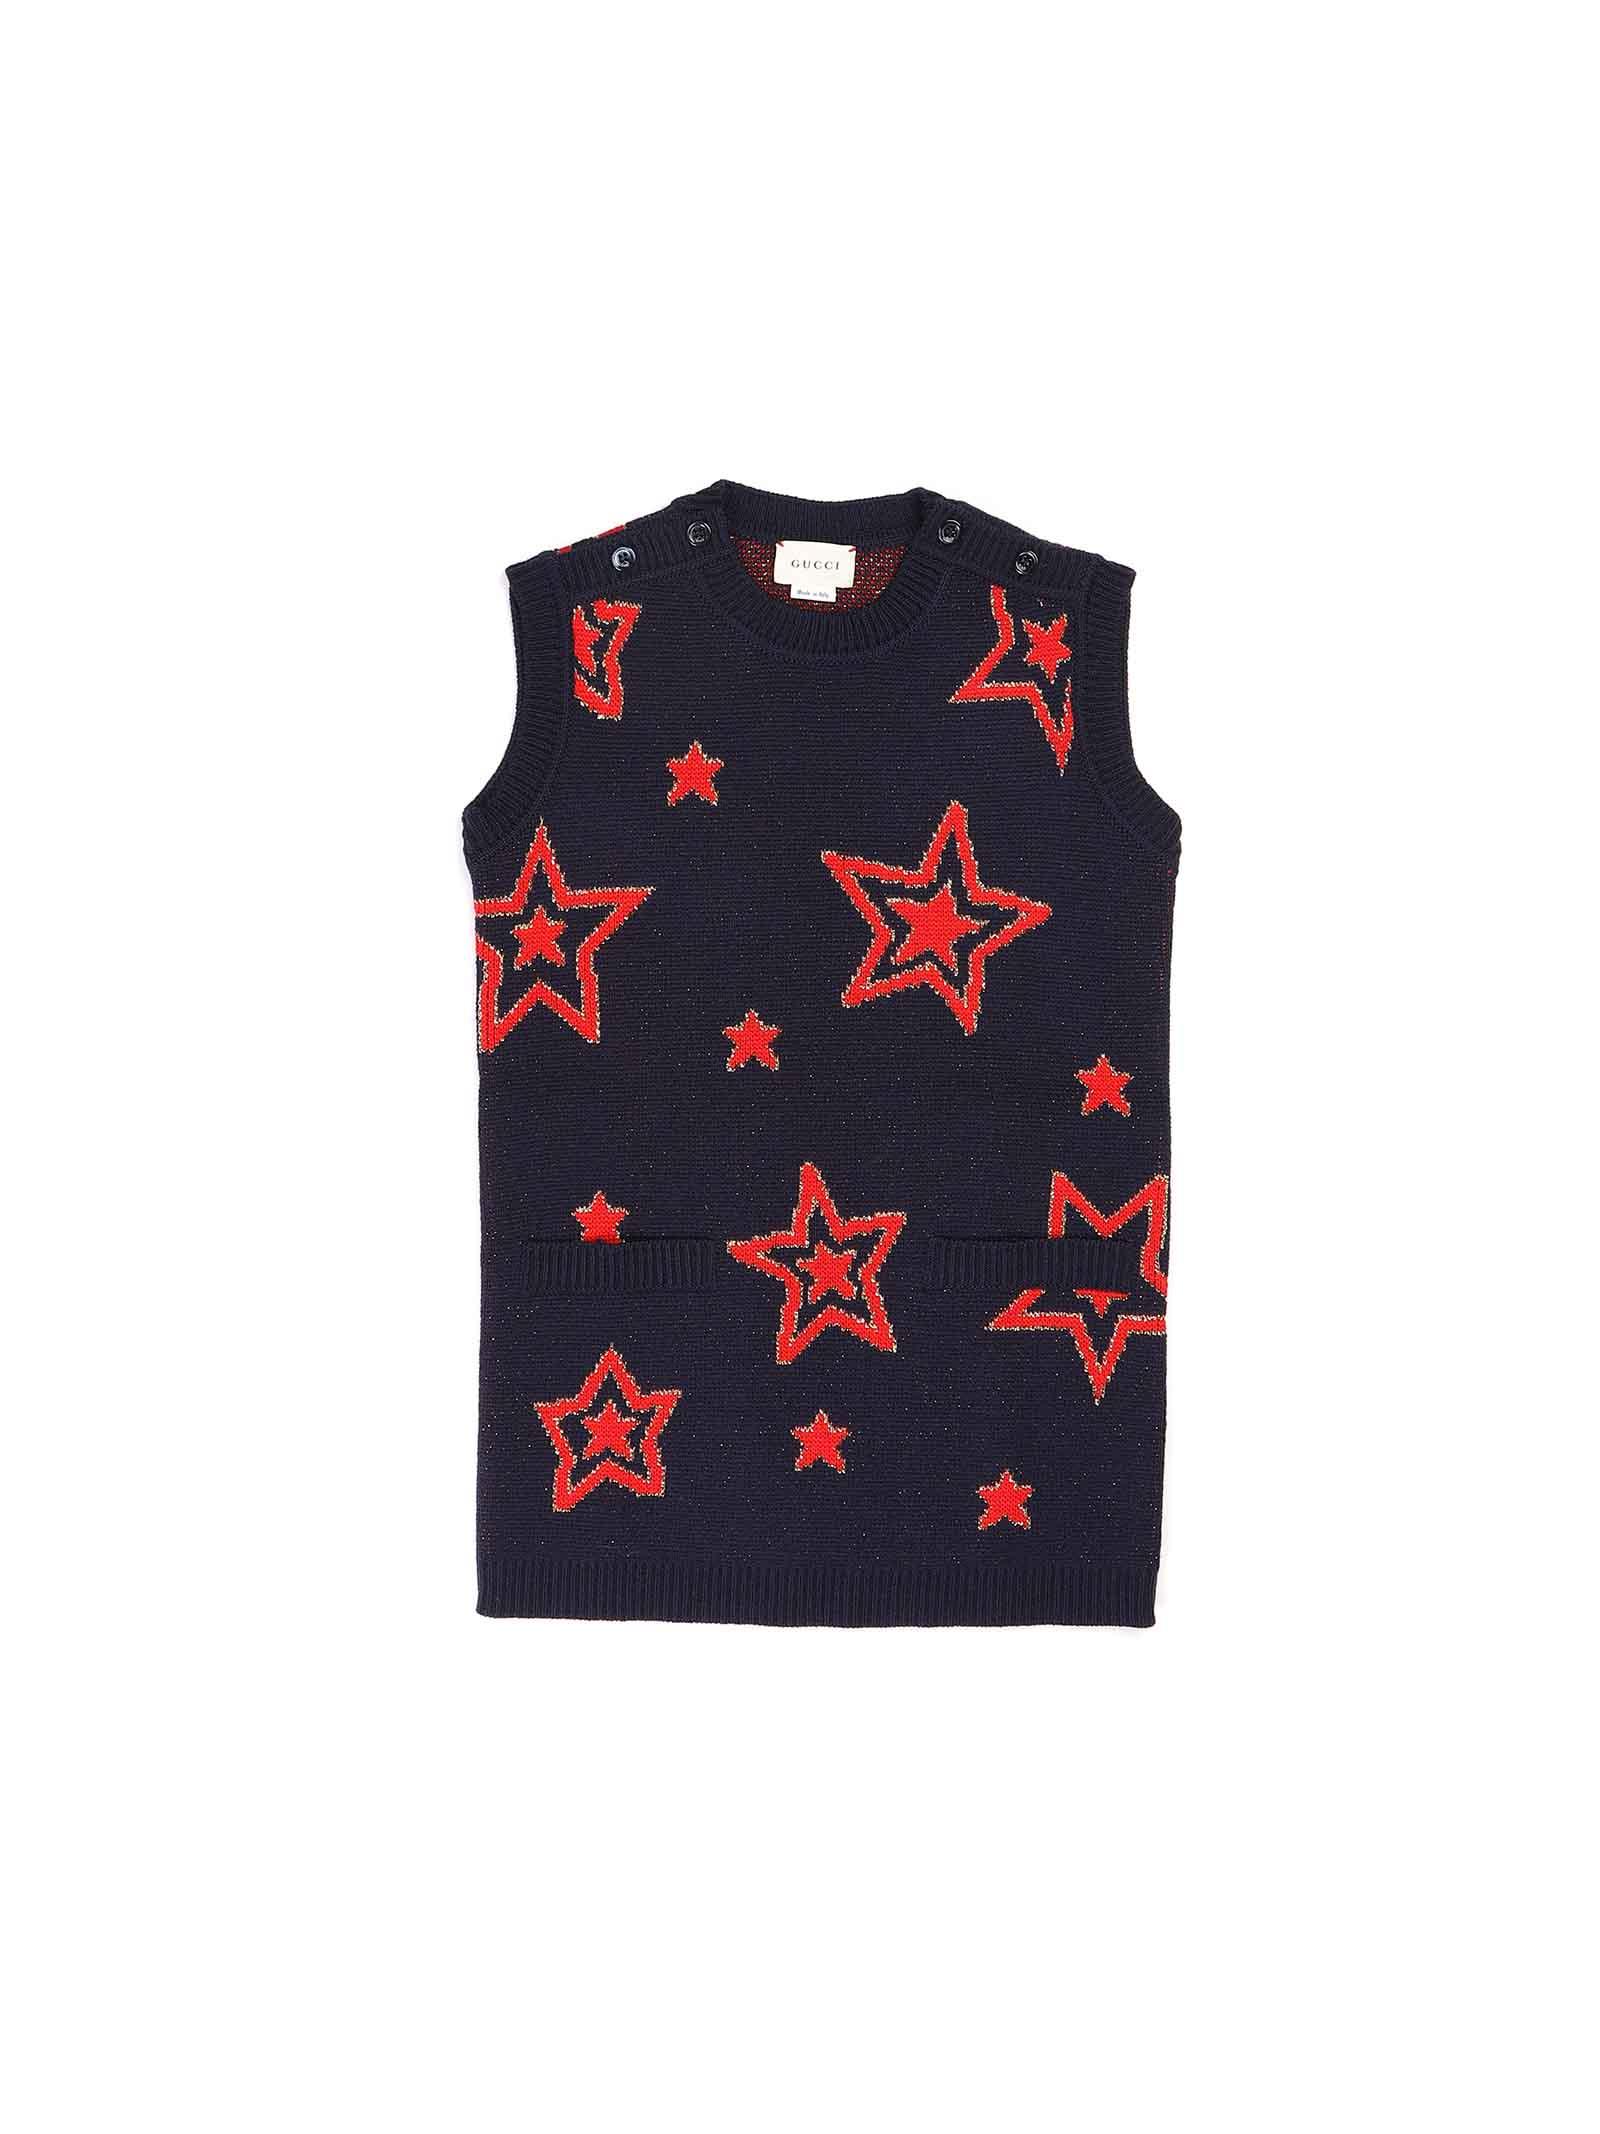 abito fondo blu con stelle e scritta sul retro rossa Gucci | Abito | 621856 XKBGX4696